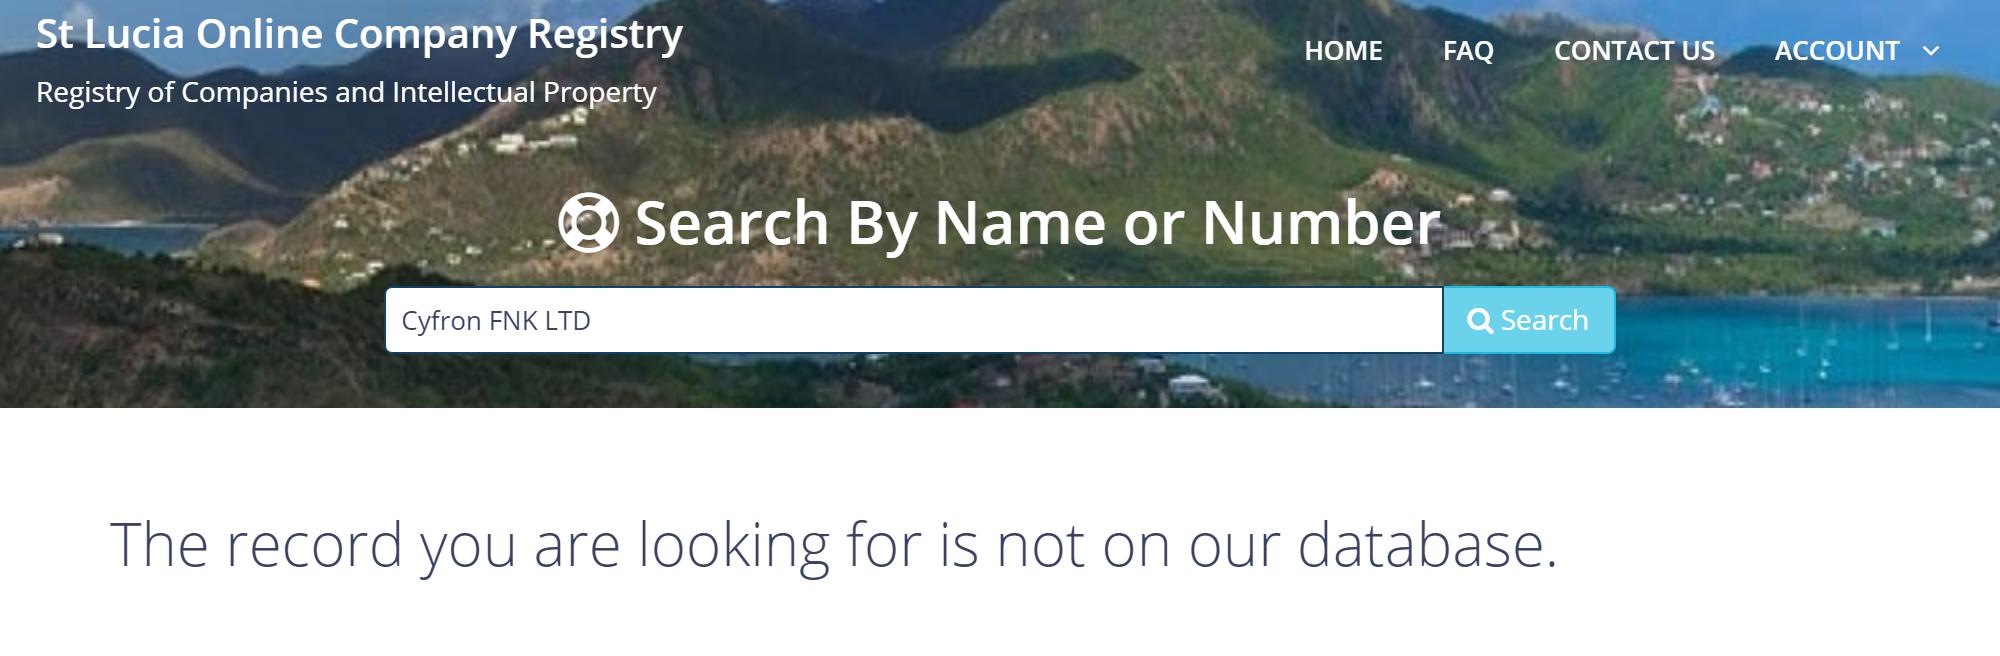 Поиск компании Cyfron FNKLTD в реестре компаний Сент-Люсии недал результатов